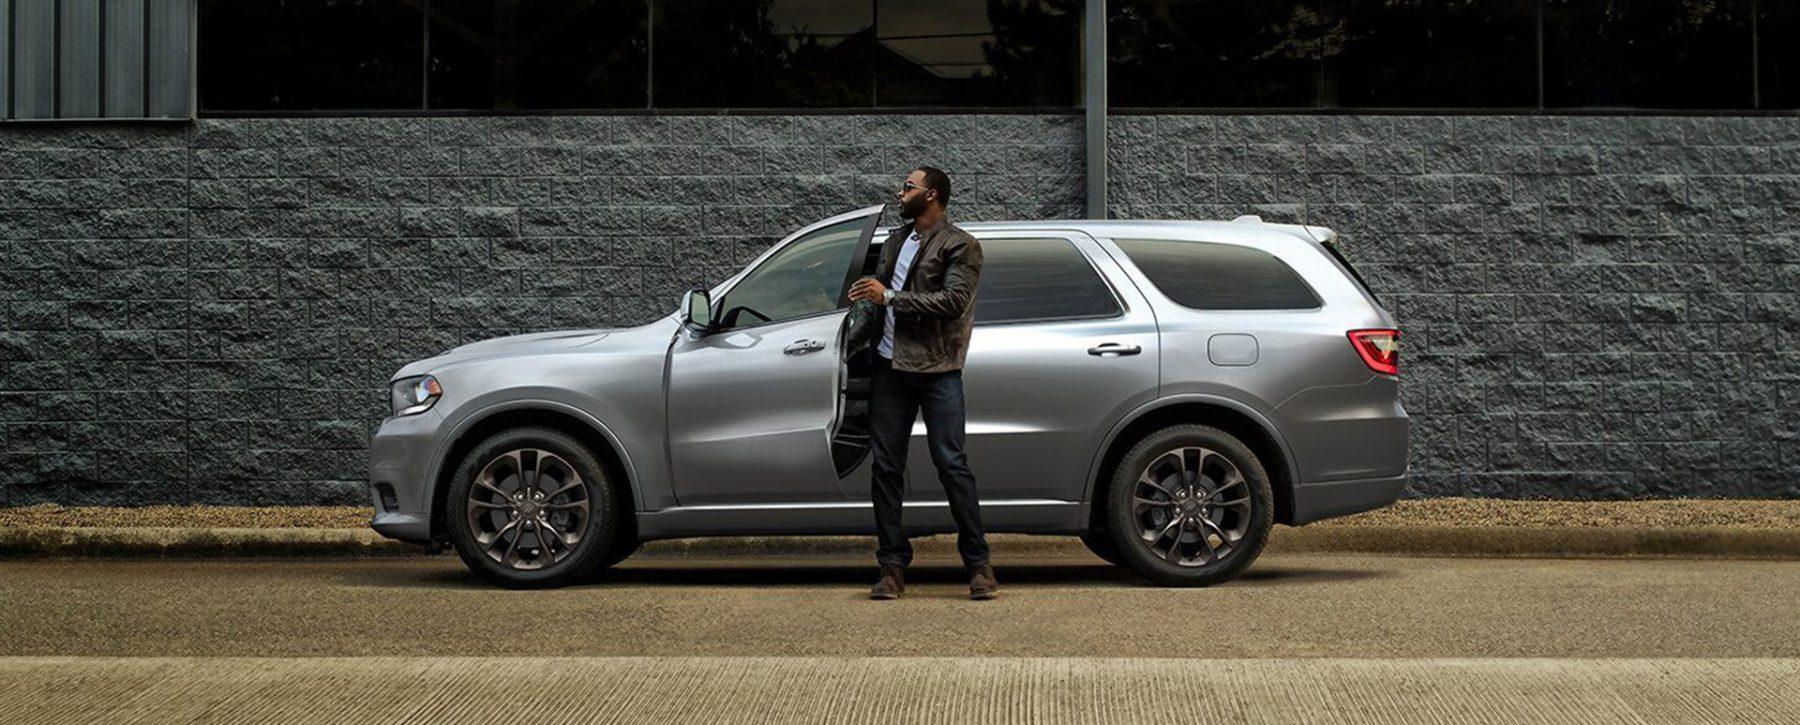 Man in front of Dodge Durango